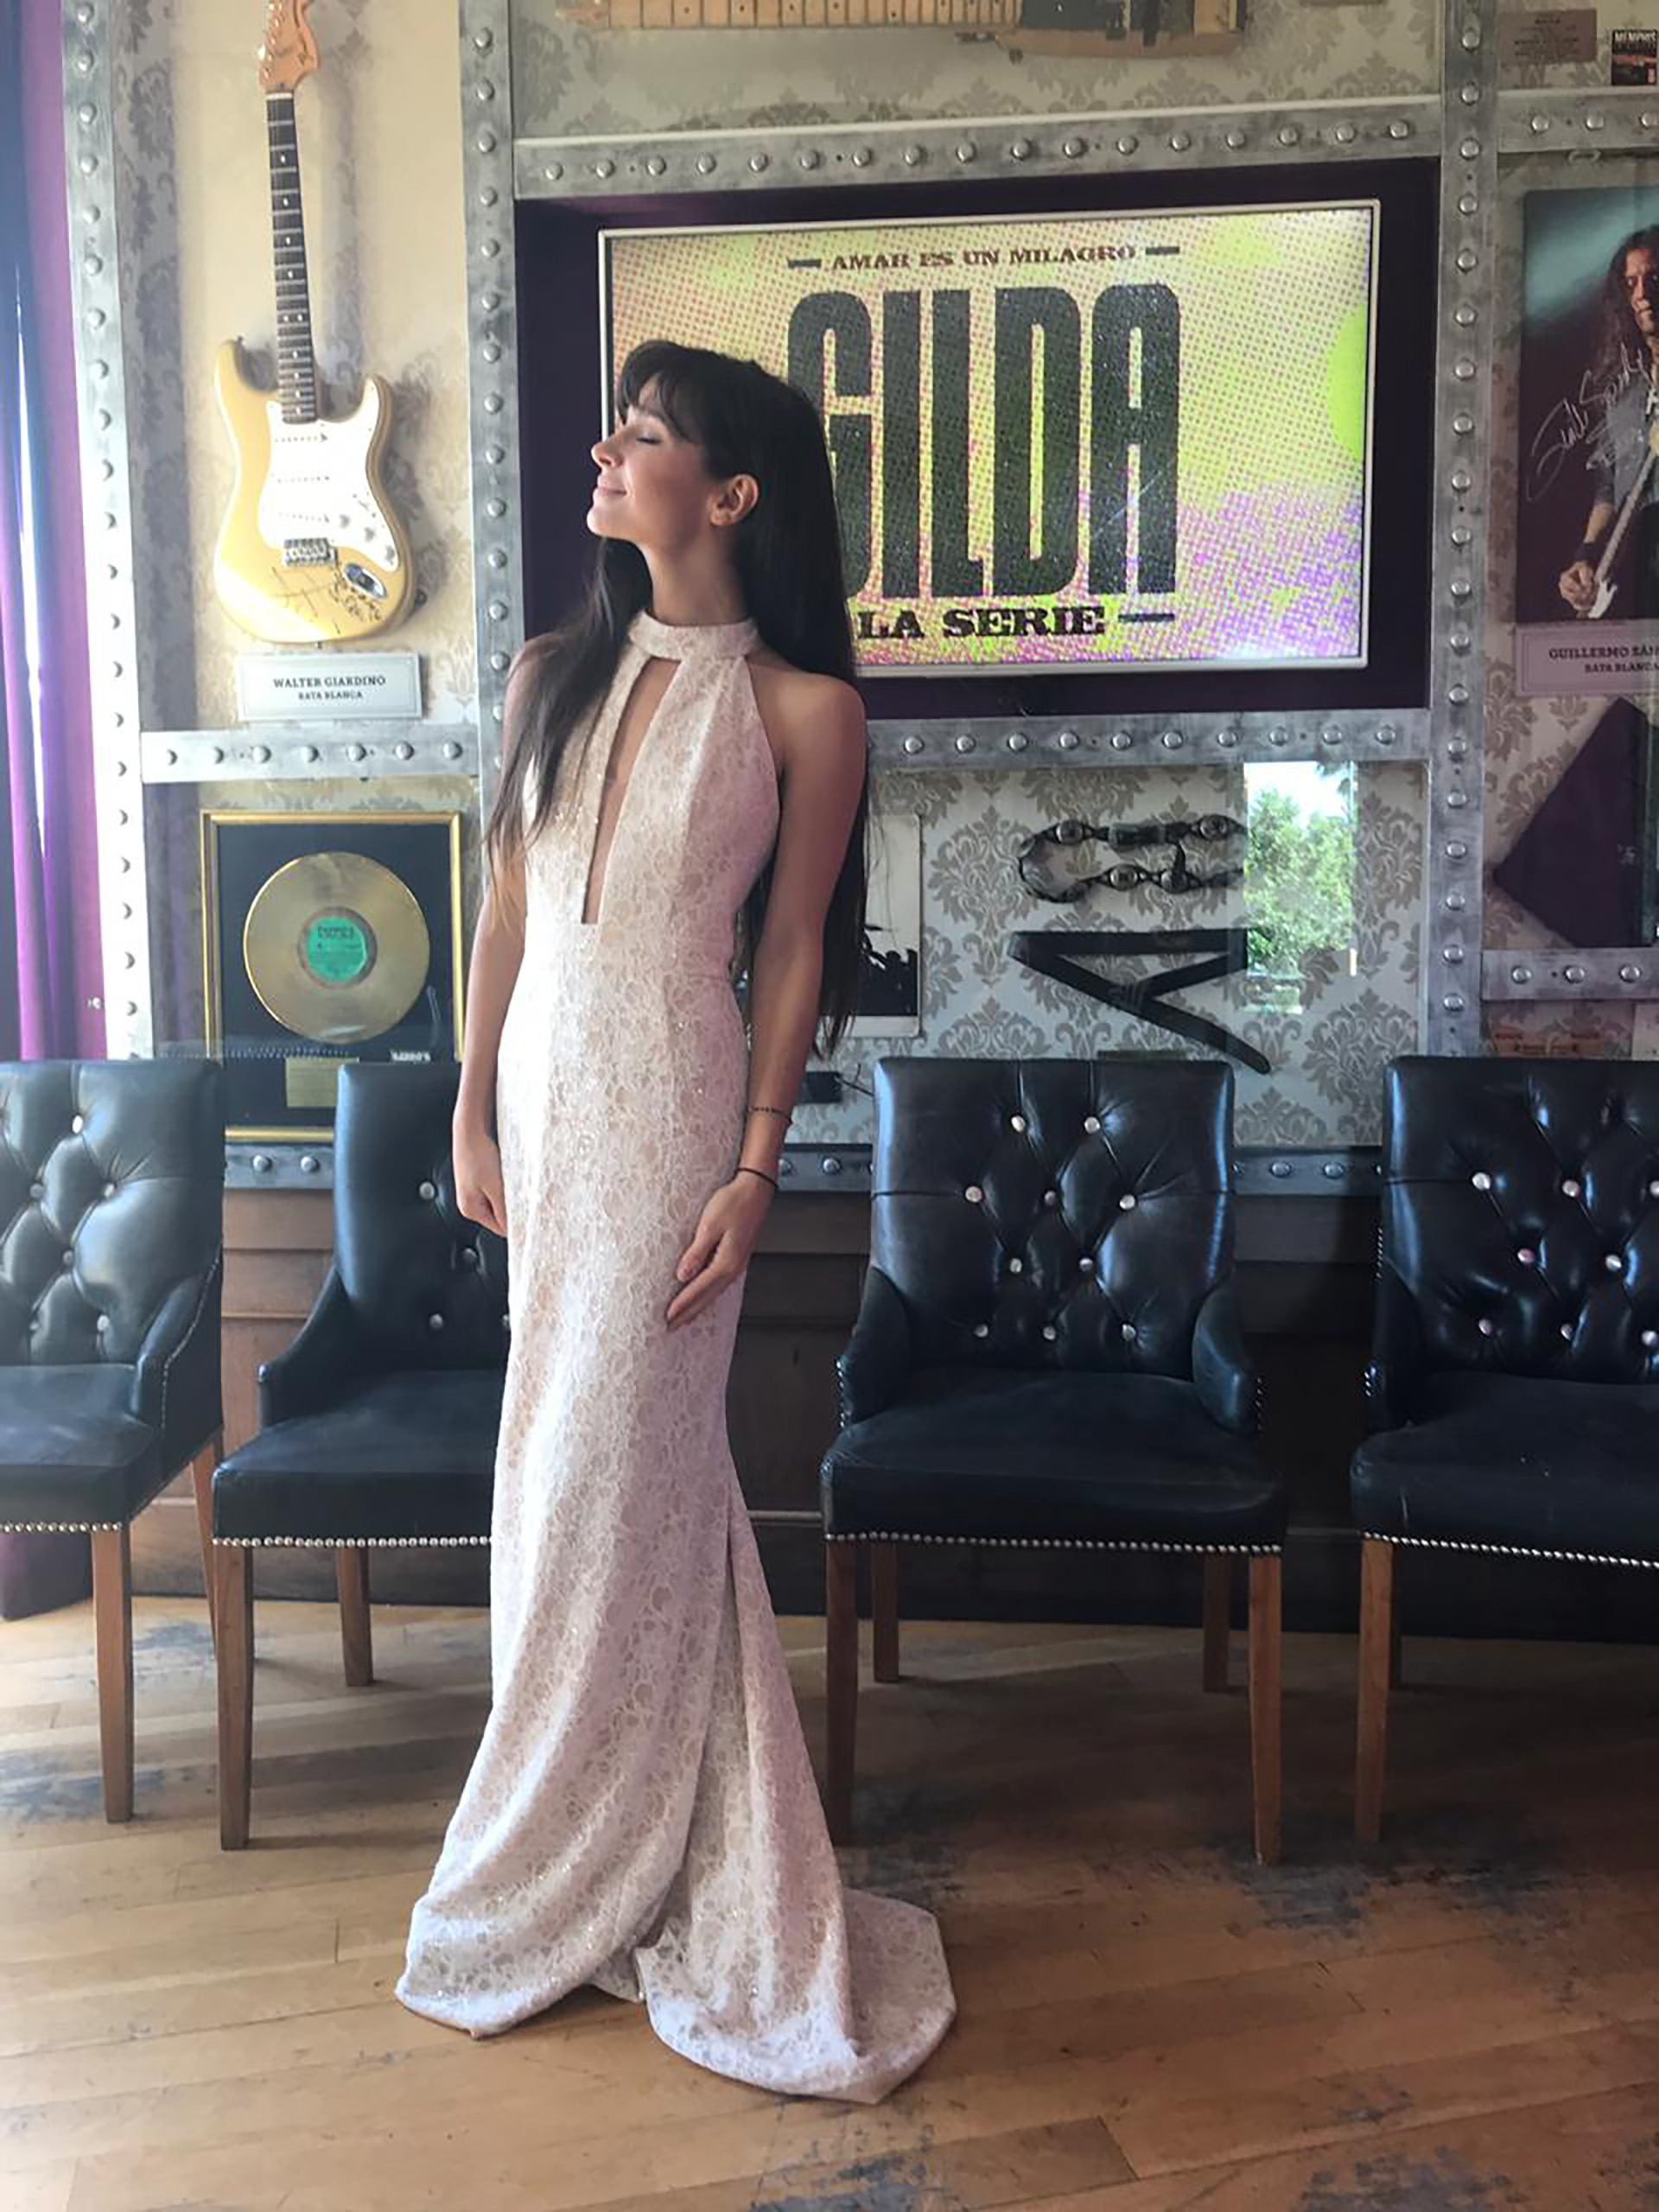 """Brenda Asnicar protagoniza """"Yo soy Gilda: amar es un milagro"""", la serie basada en la vida de la cantante de cumbia que se verá por Netflix"""